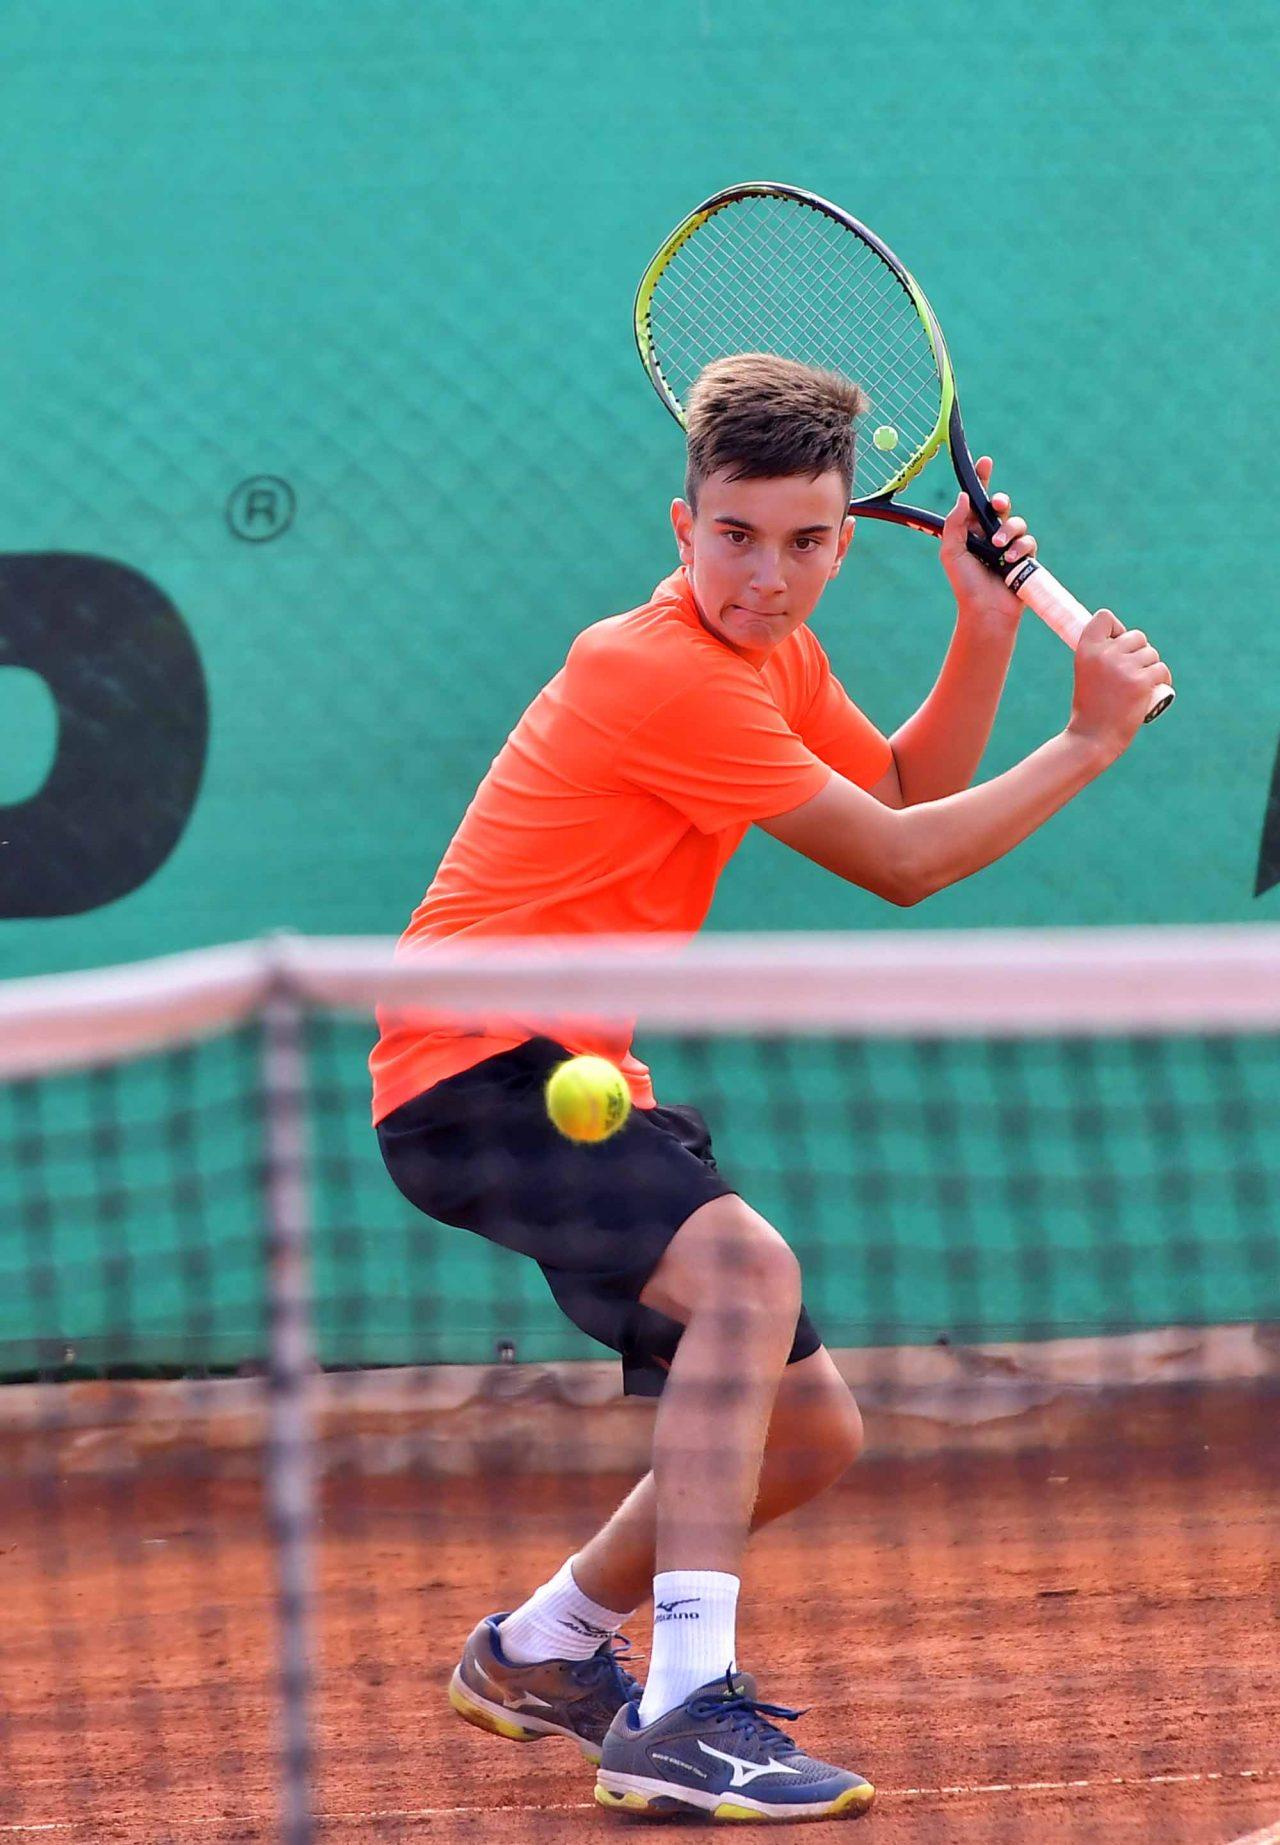 Държавно първенство тенис до 14 год. ТК 15-40 момчета (18)